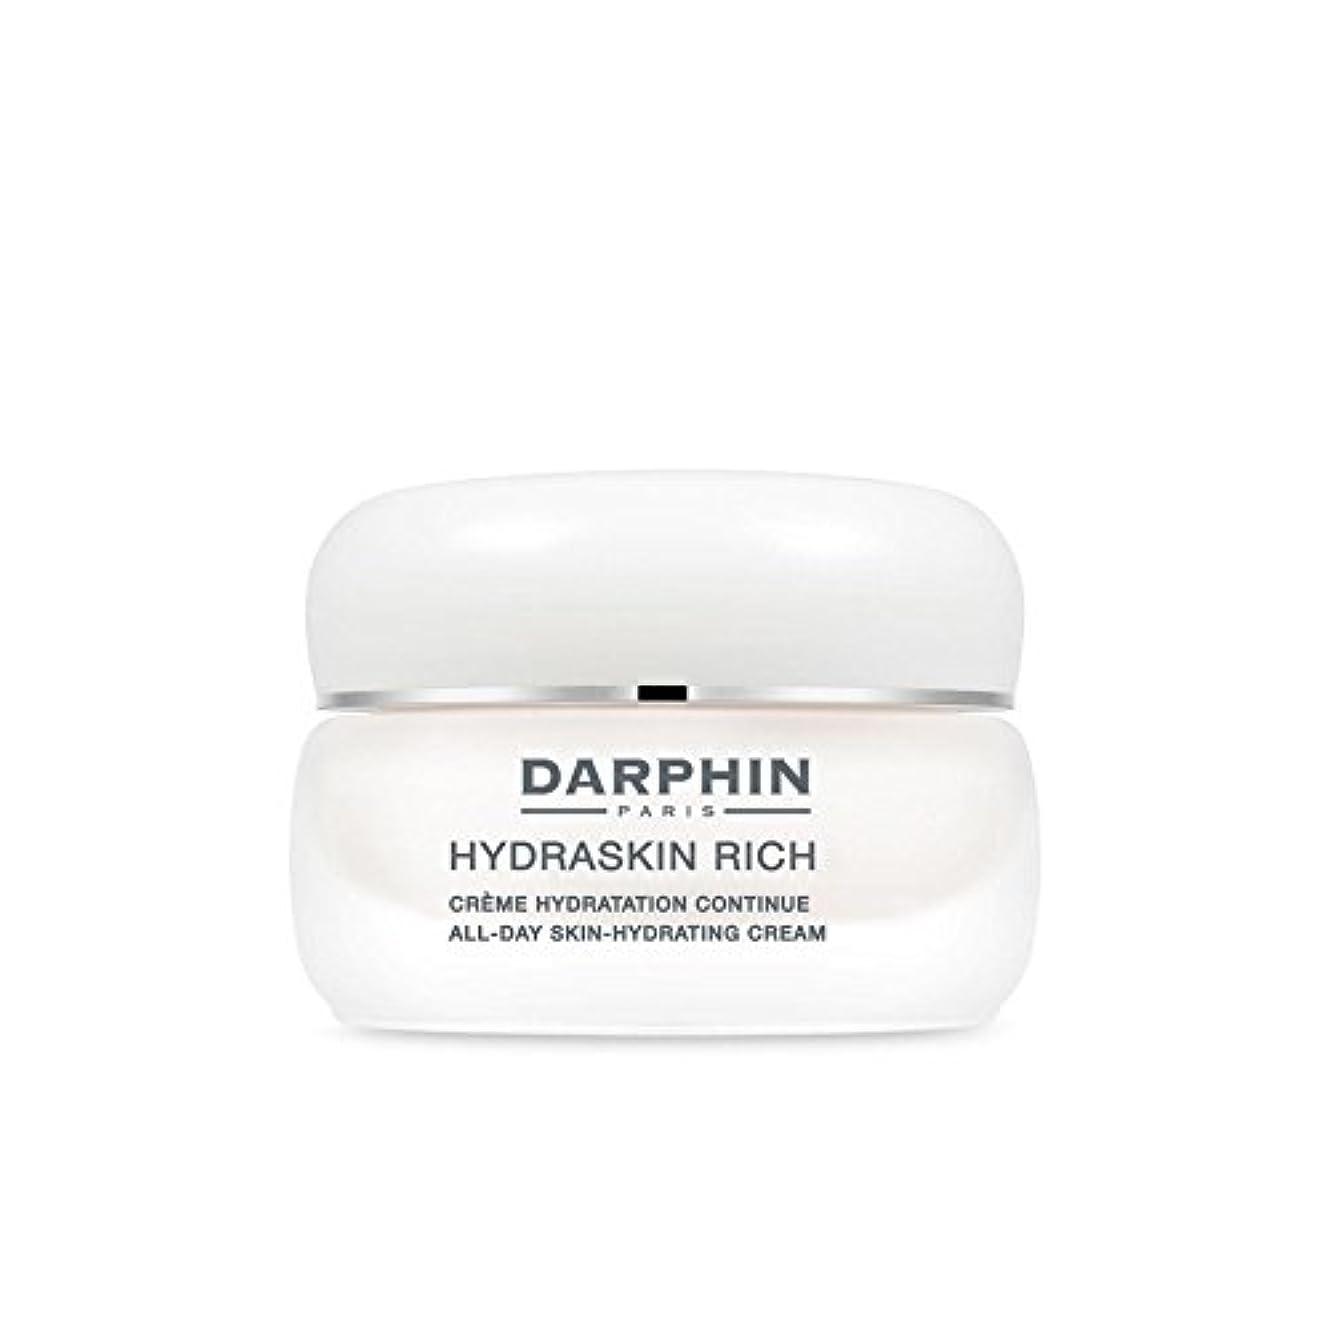 変形影響力のあるヒープ豊富 - 保護保湿クリーム(50)にダルファン x4 - Darphin Hydraskin Rich -Protective Moisturising Cream (50ml) (Pack of 4) [並行輸入品]